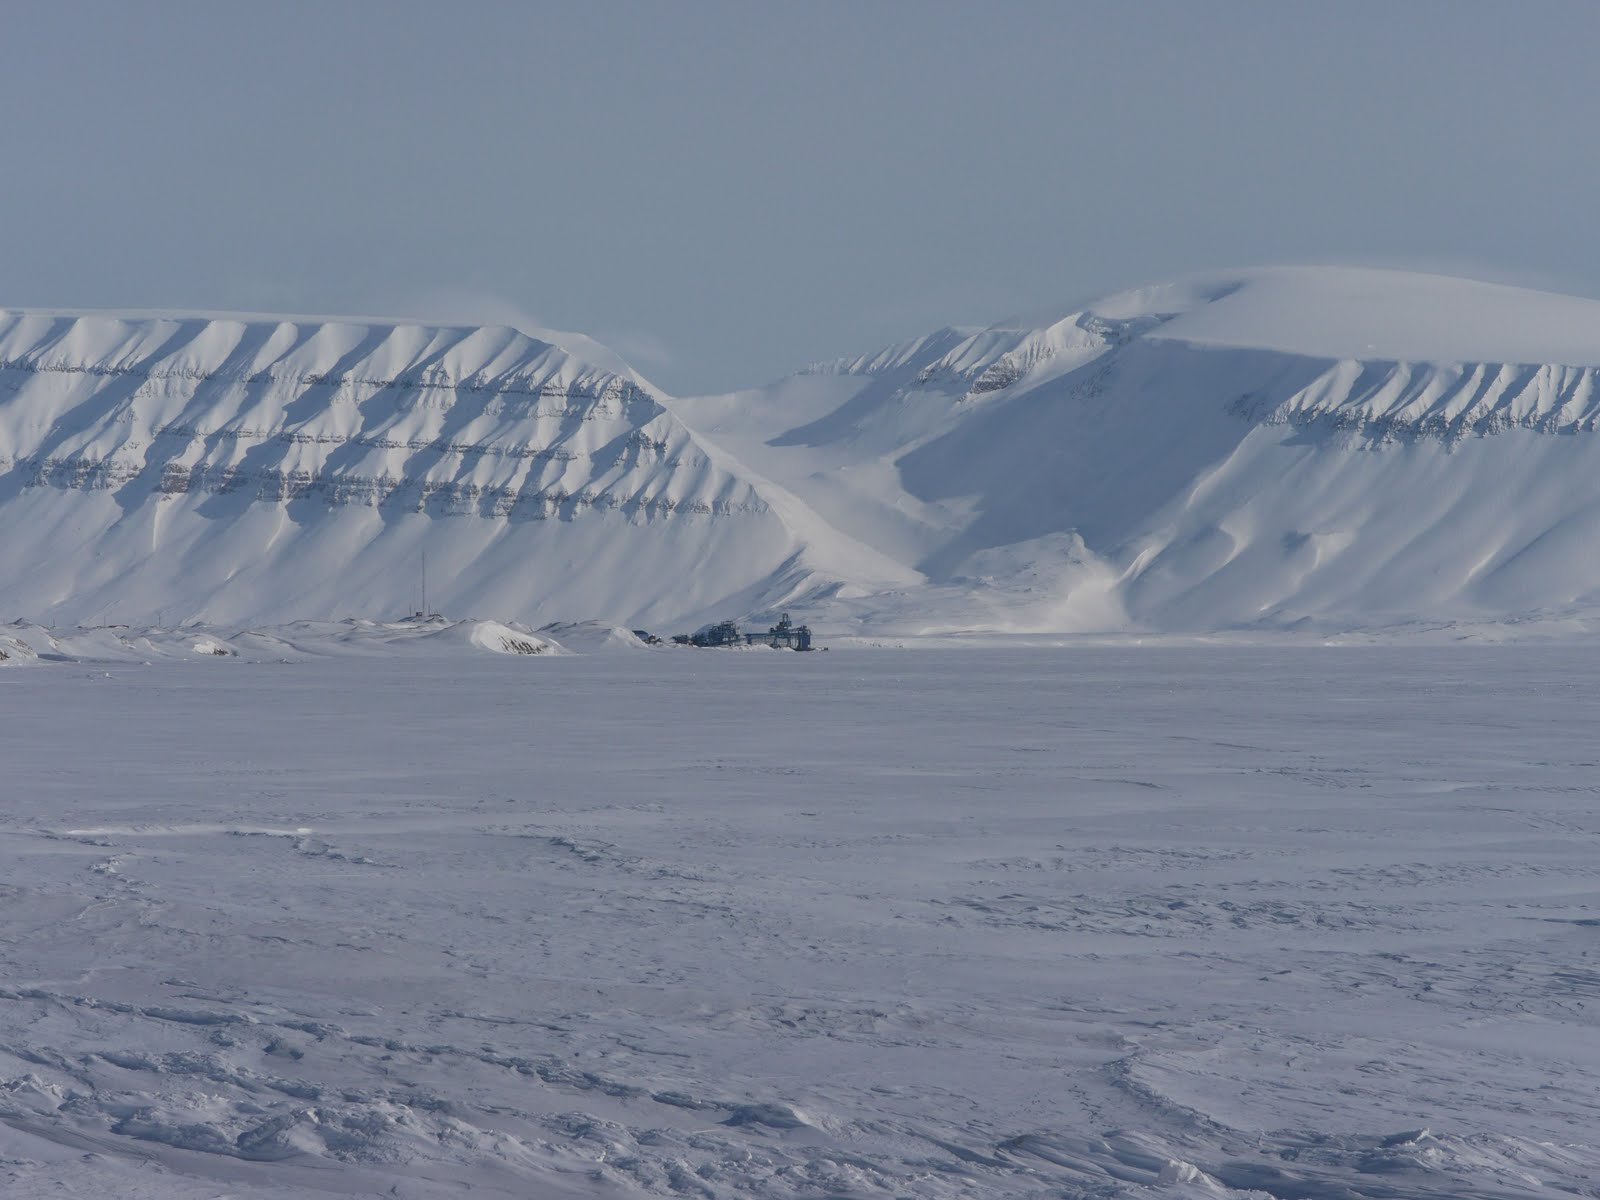 http://2.bp.blogspot.com/-ZxlbeHxEfPQ/TdZ-bMmIkzI/AAAAAAAAANw/pCxefQOvJn8/s1600/Svalbard1.jpg